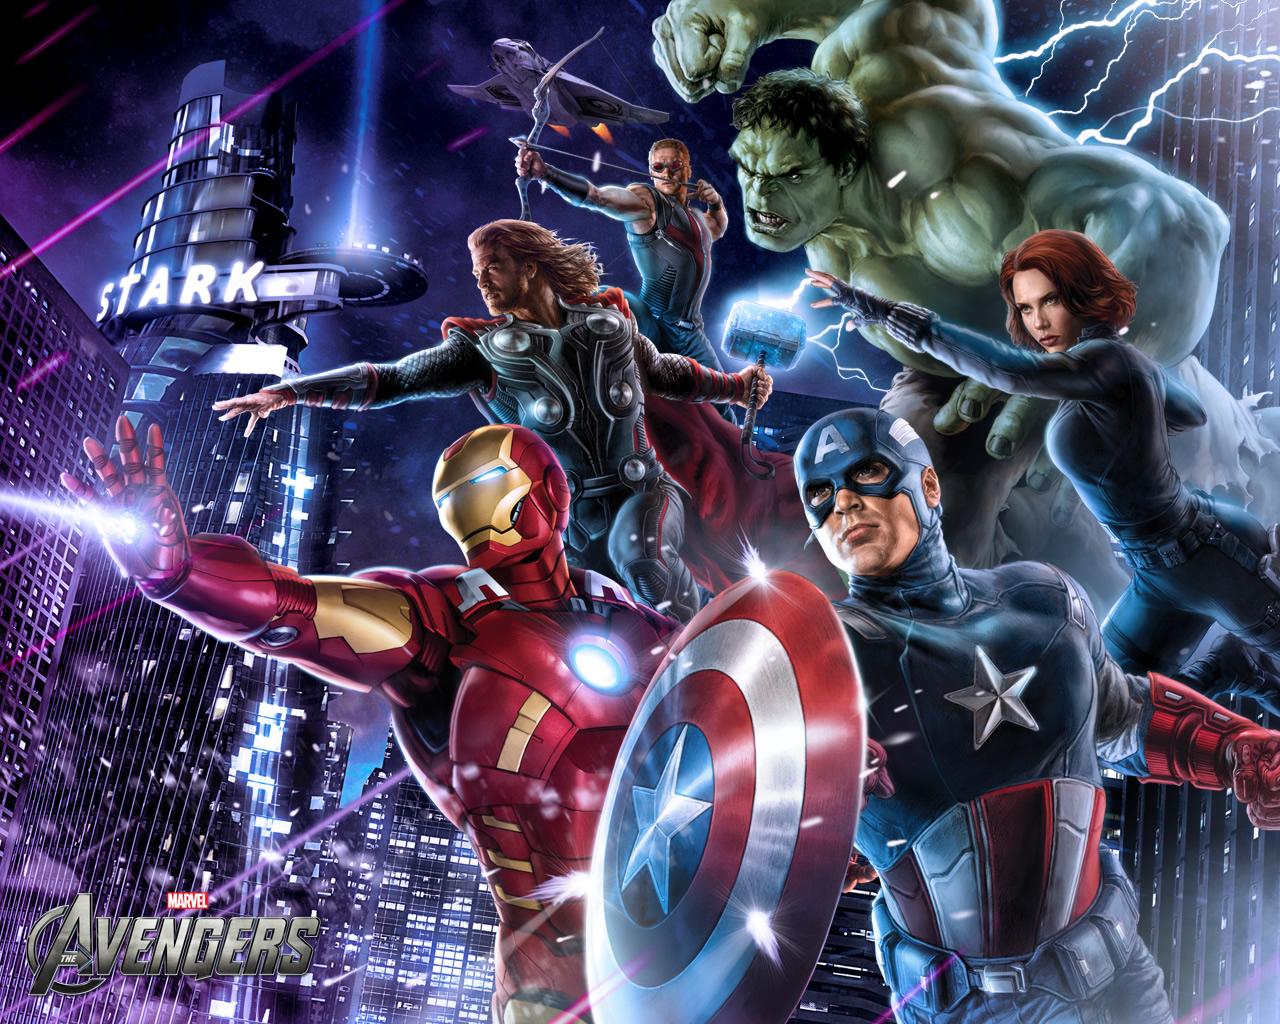 The Avengers Kickass Wallpapers Abduze 2012 01 1280x1024